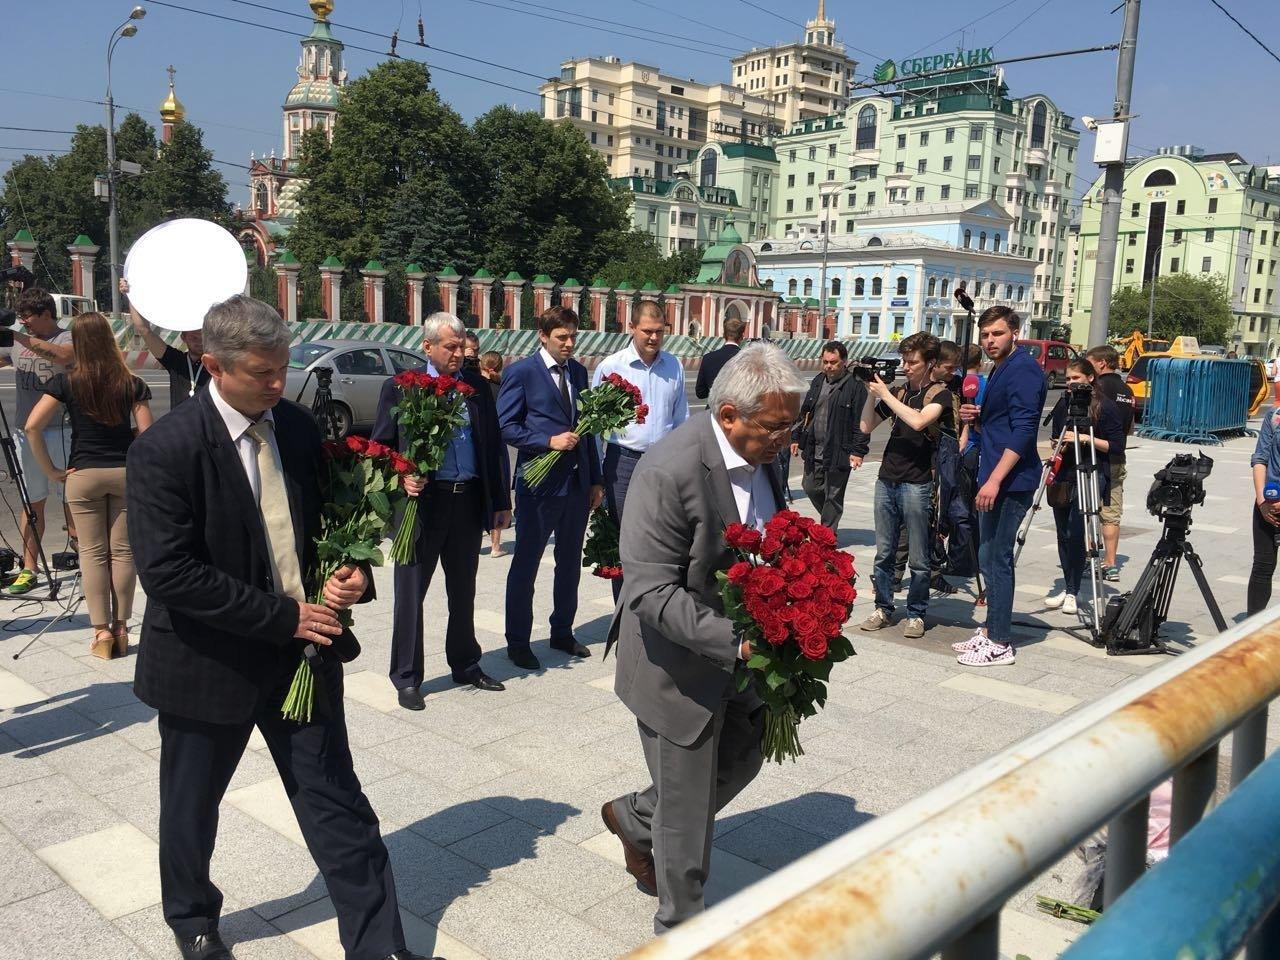 Les Russes apportent des fleurs à l'ambassade de France